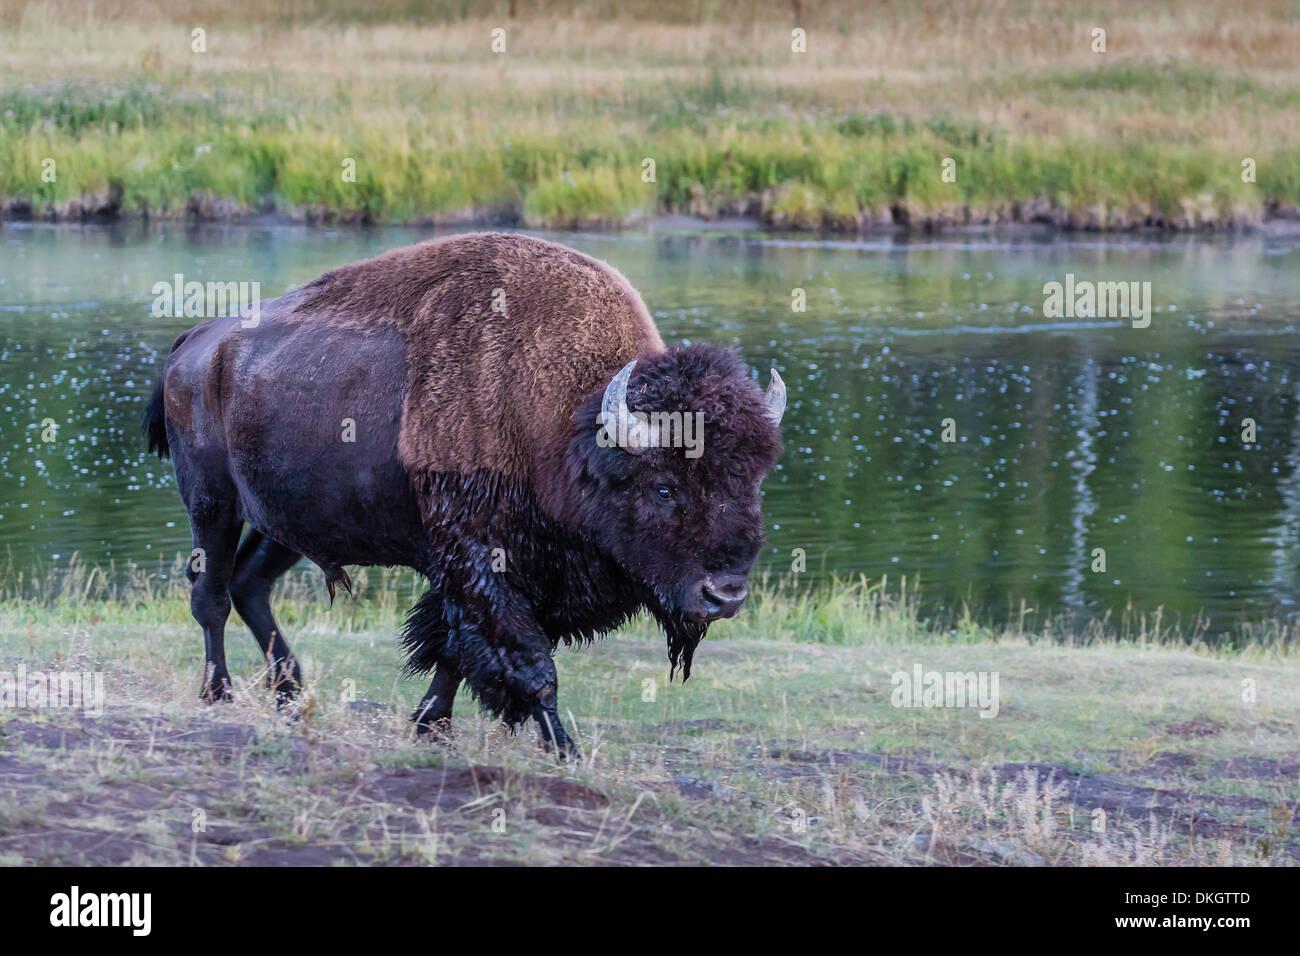 Einsamer Bisons (Buffalo) (Bison Bison) unterwegs im UNESCO-Weltkulturerbe, Yellowstone-Nationalpark, Wyoming, USA Stockbild